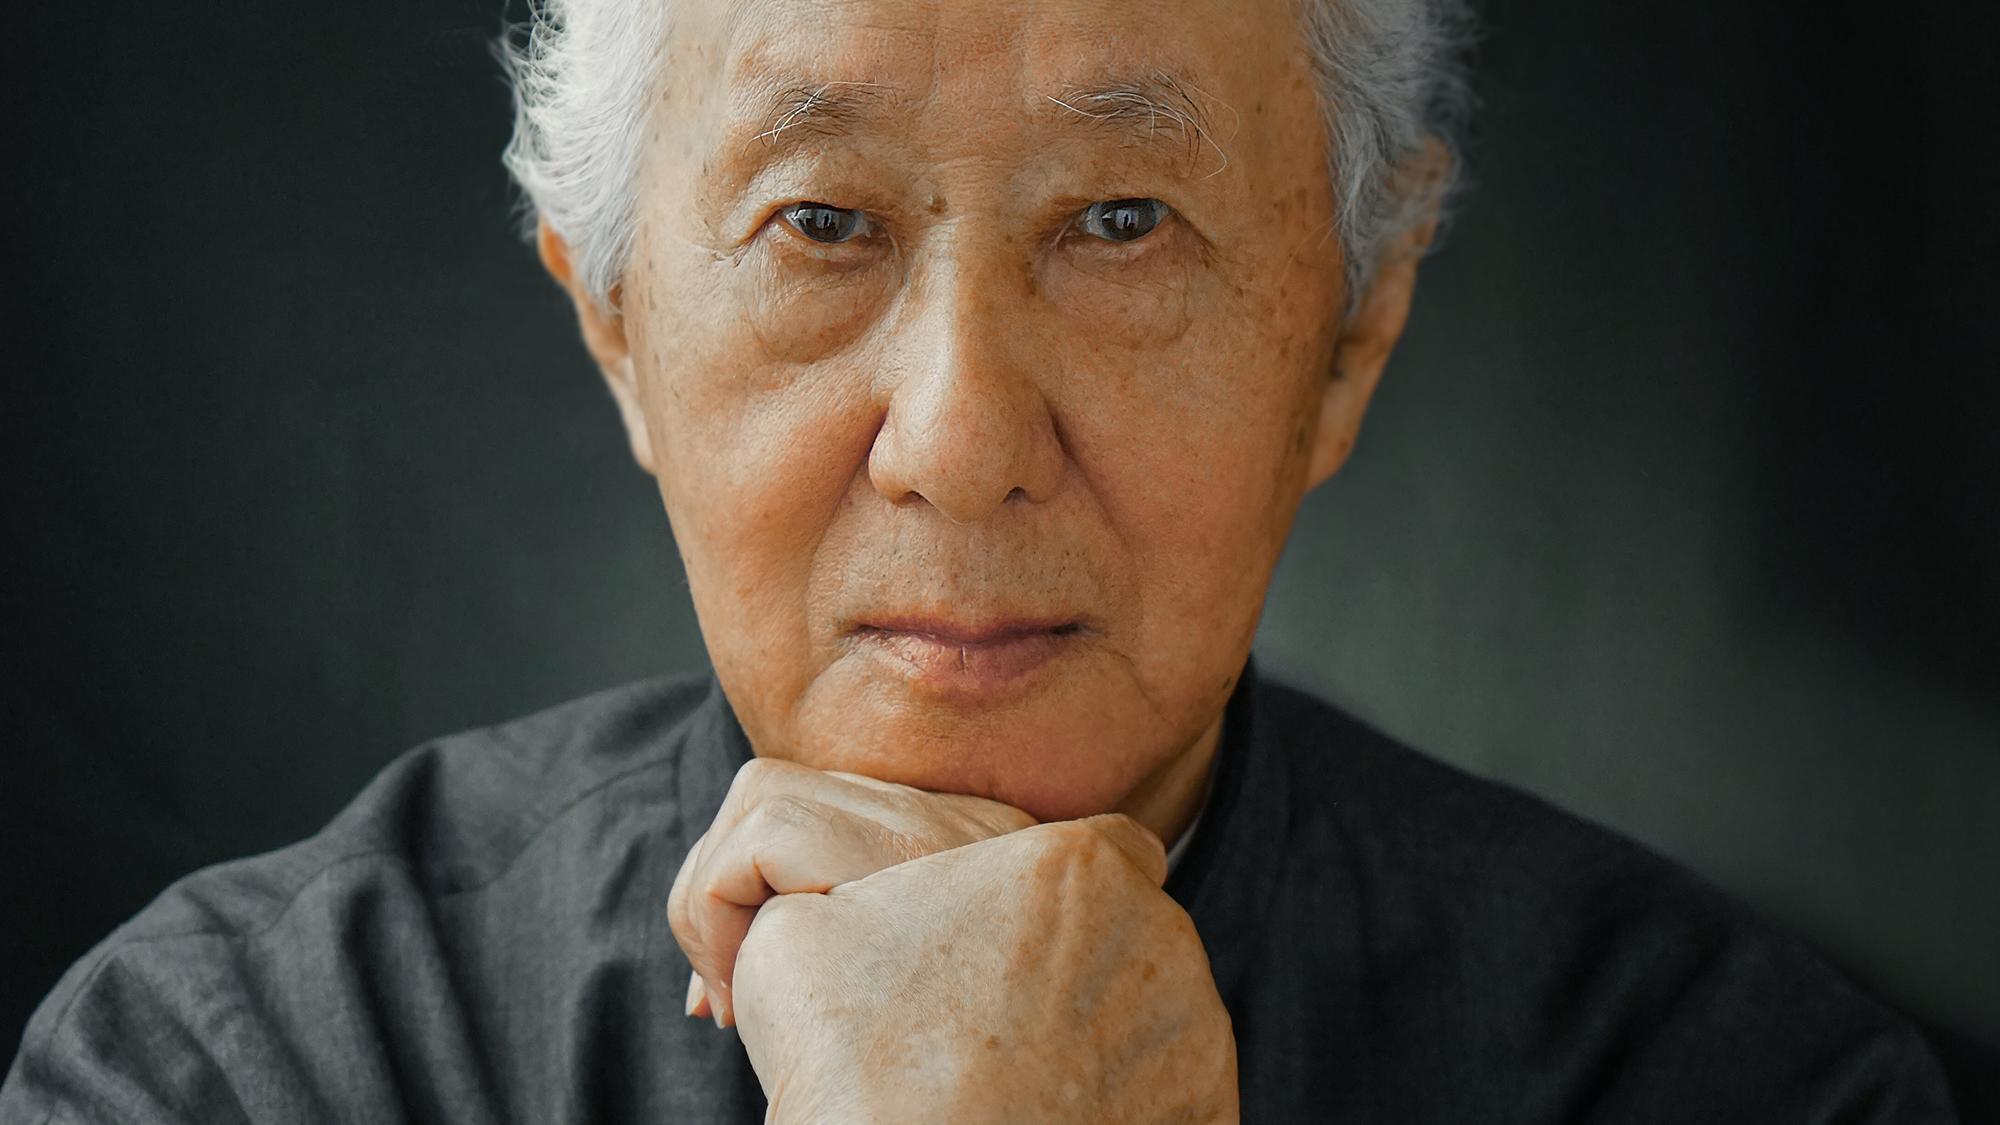 Der japanische Architekt Arata Isozaki blickt über zusammengelegten Händen in die Kamera.